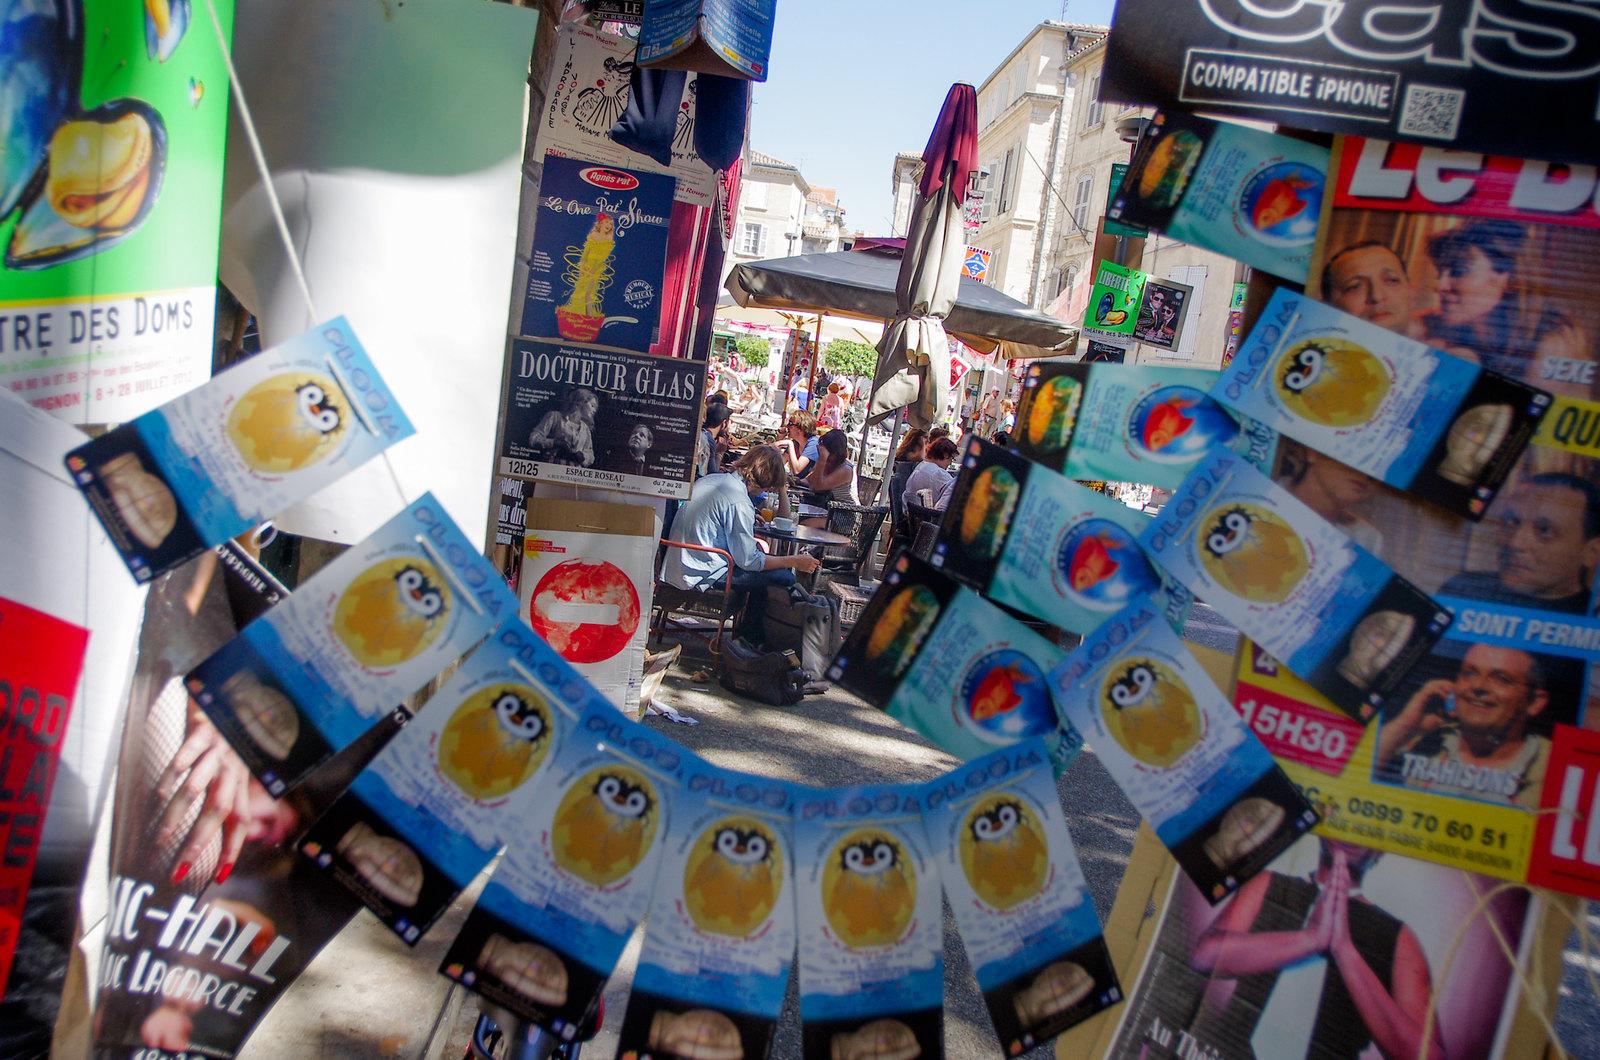 Festival d'Avignon - Place des corps saints